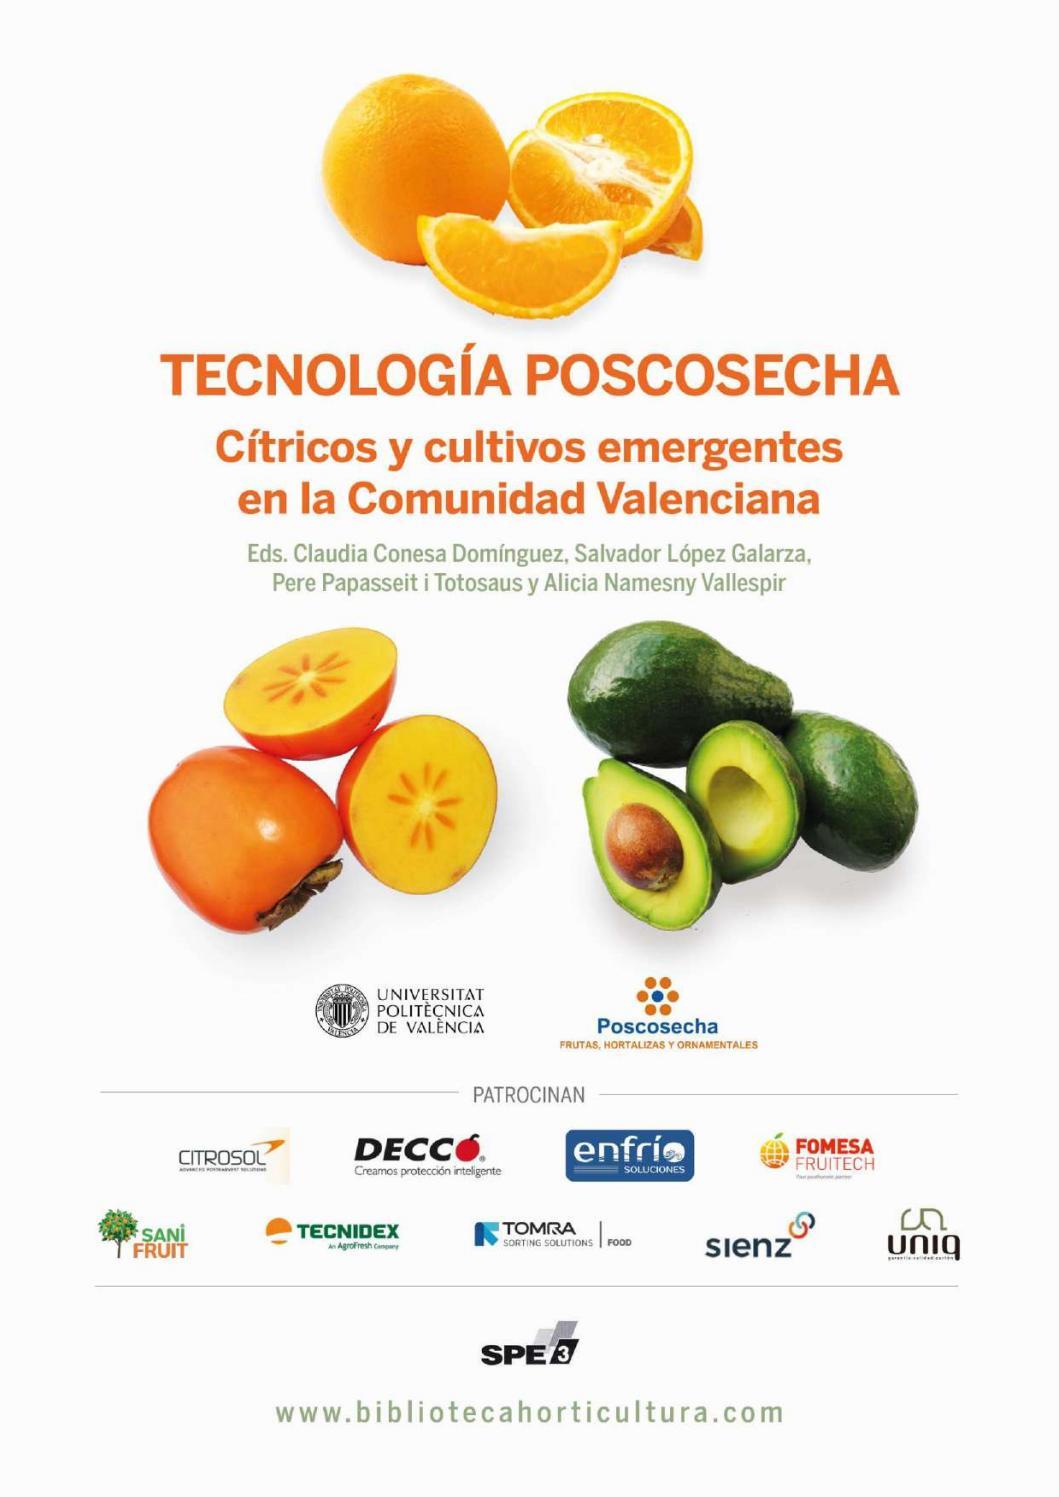 Tecnología Poscosecha Cítricos Y Cultivos Emergentes En La Comunidad Valenciana By Horticultura Poscosecha Issuu